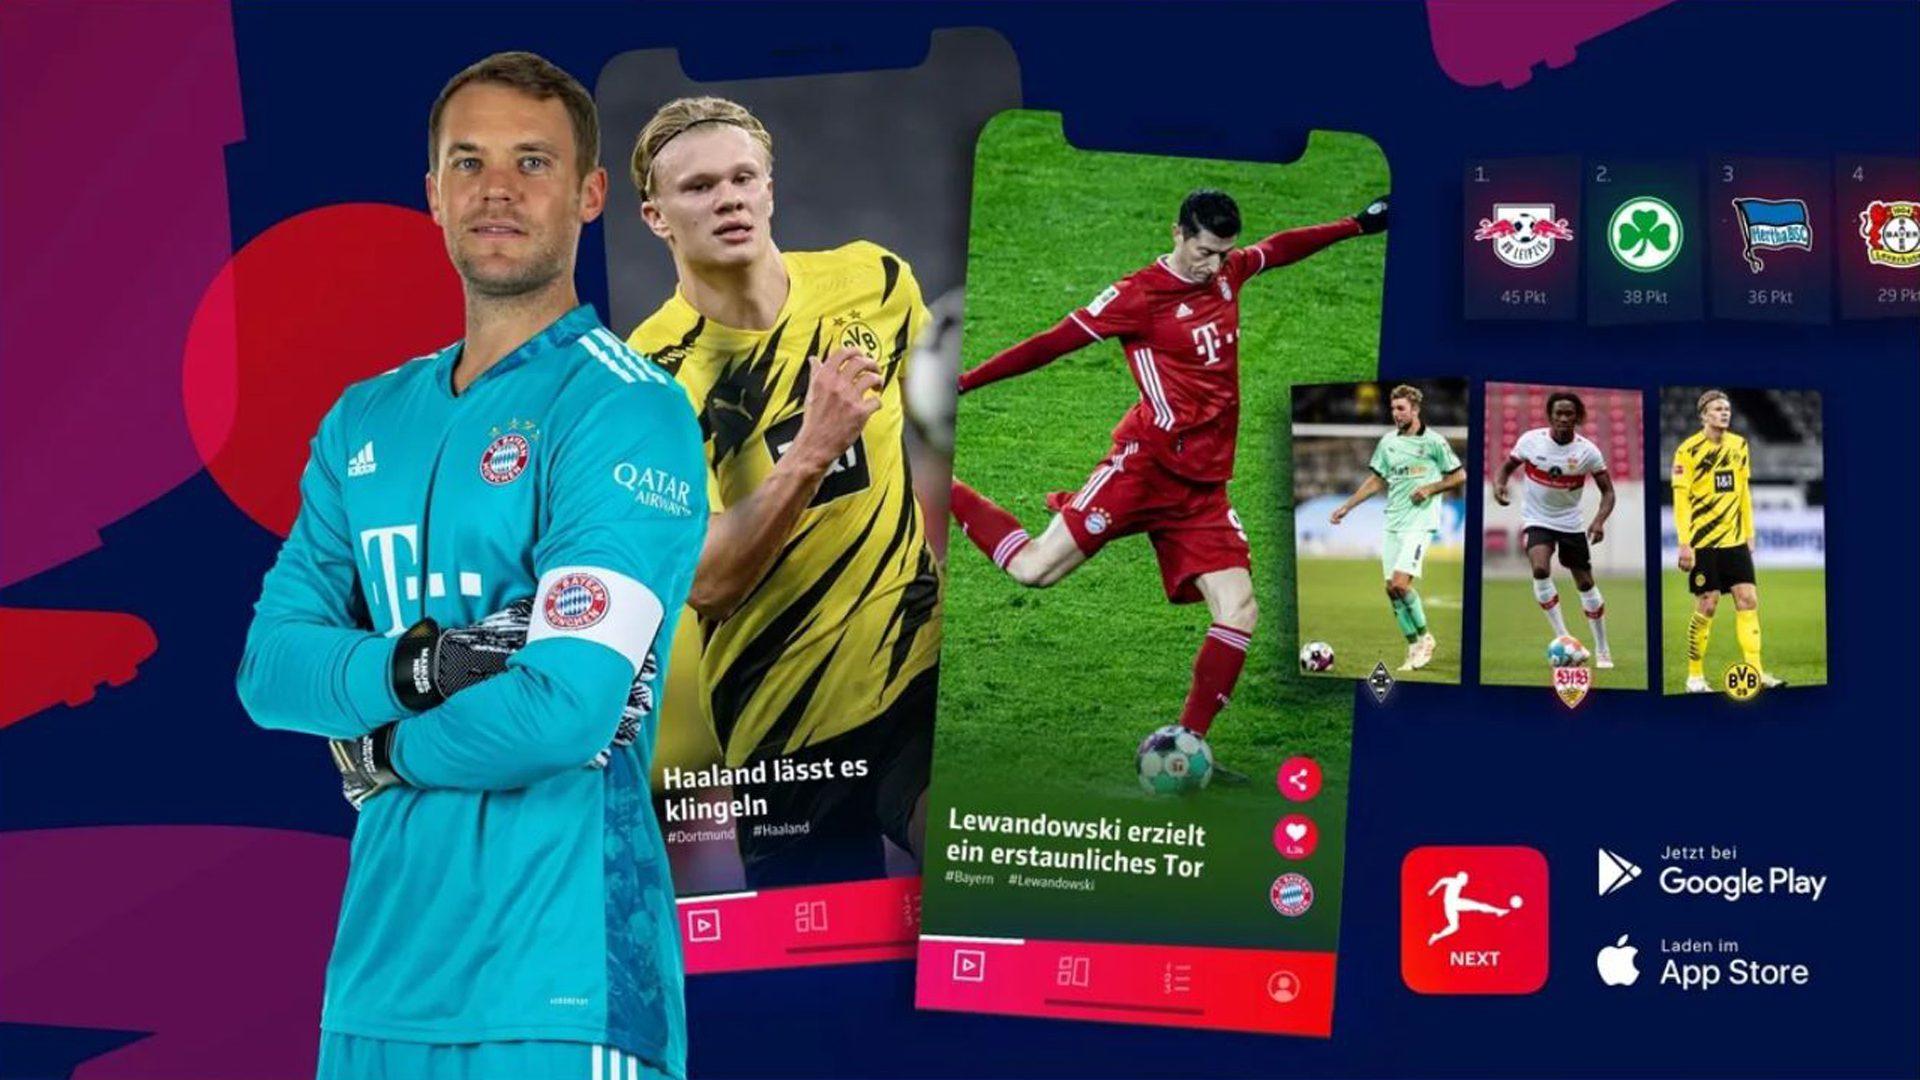 Hol dir jetzt die Die Bundesliga NextApp